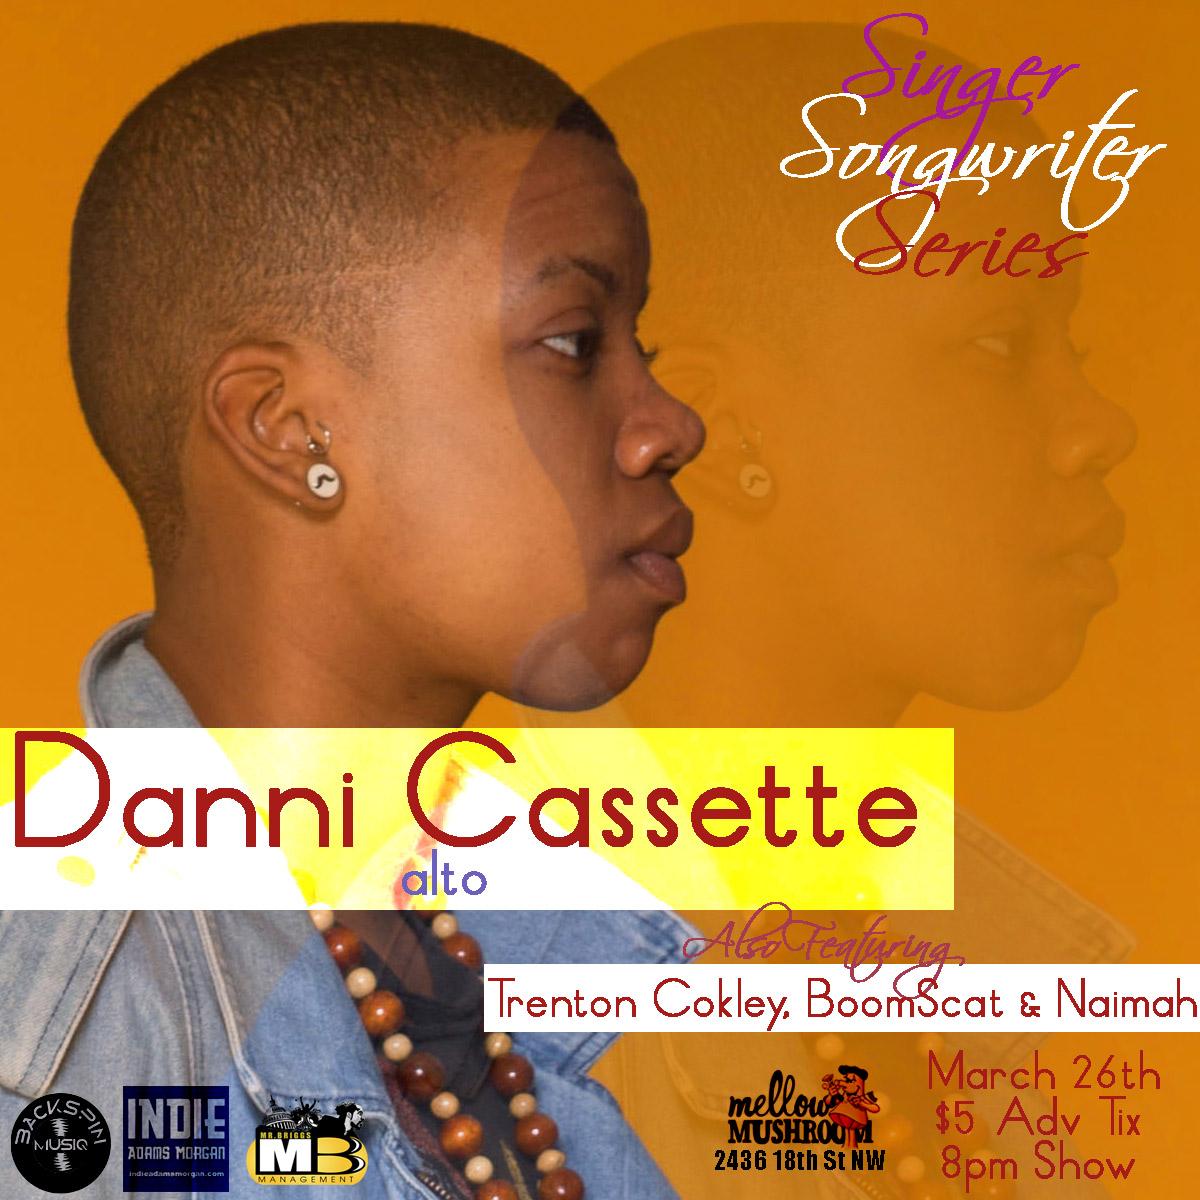 Danni Cassette Singer/Songwriter Series in DC